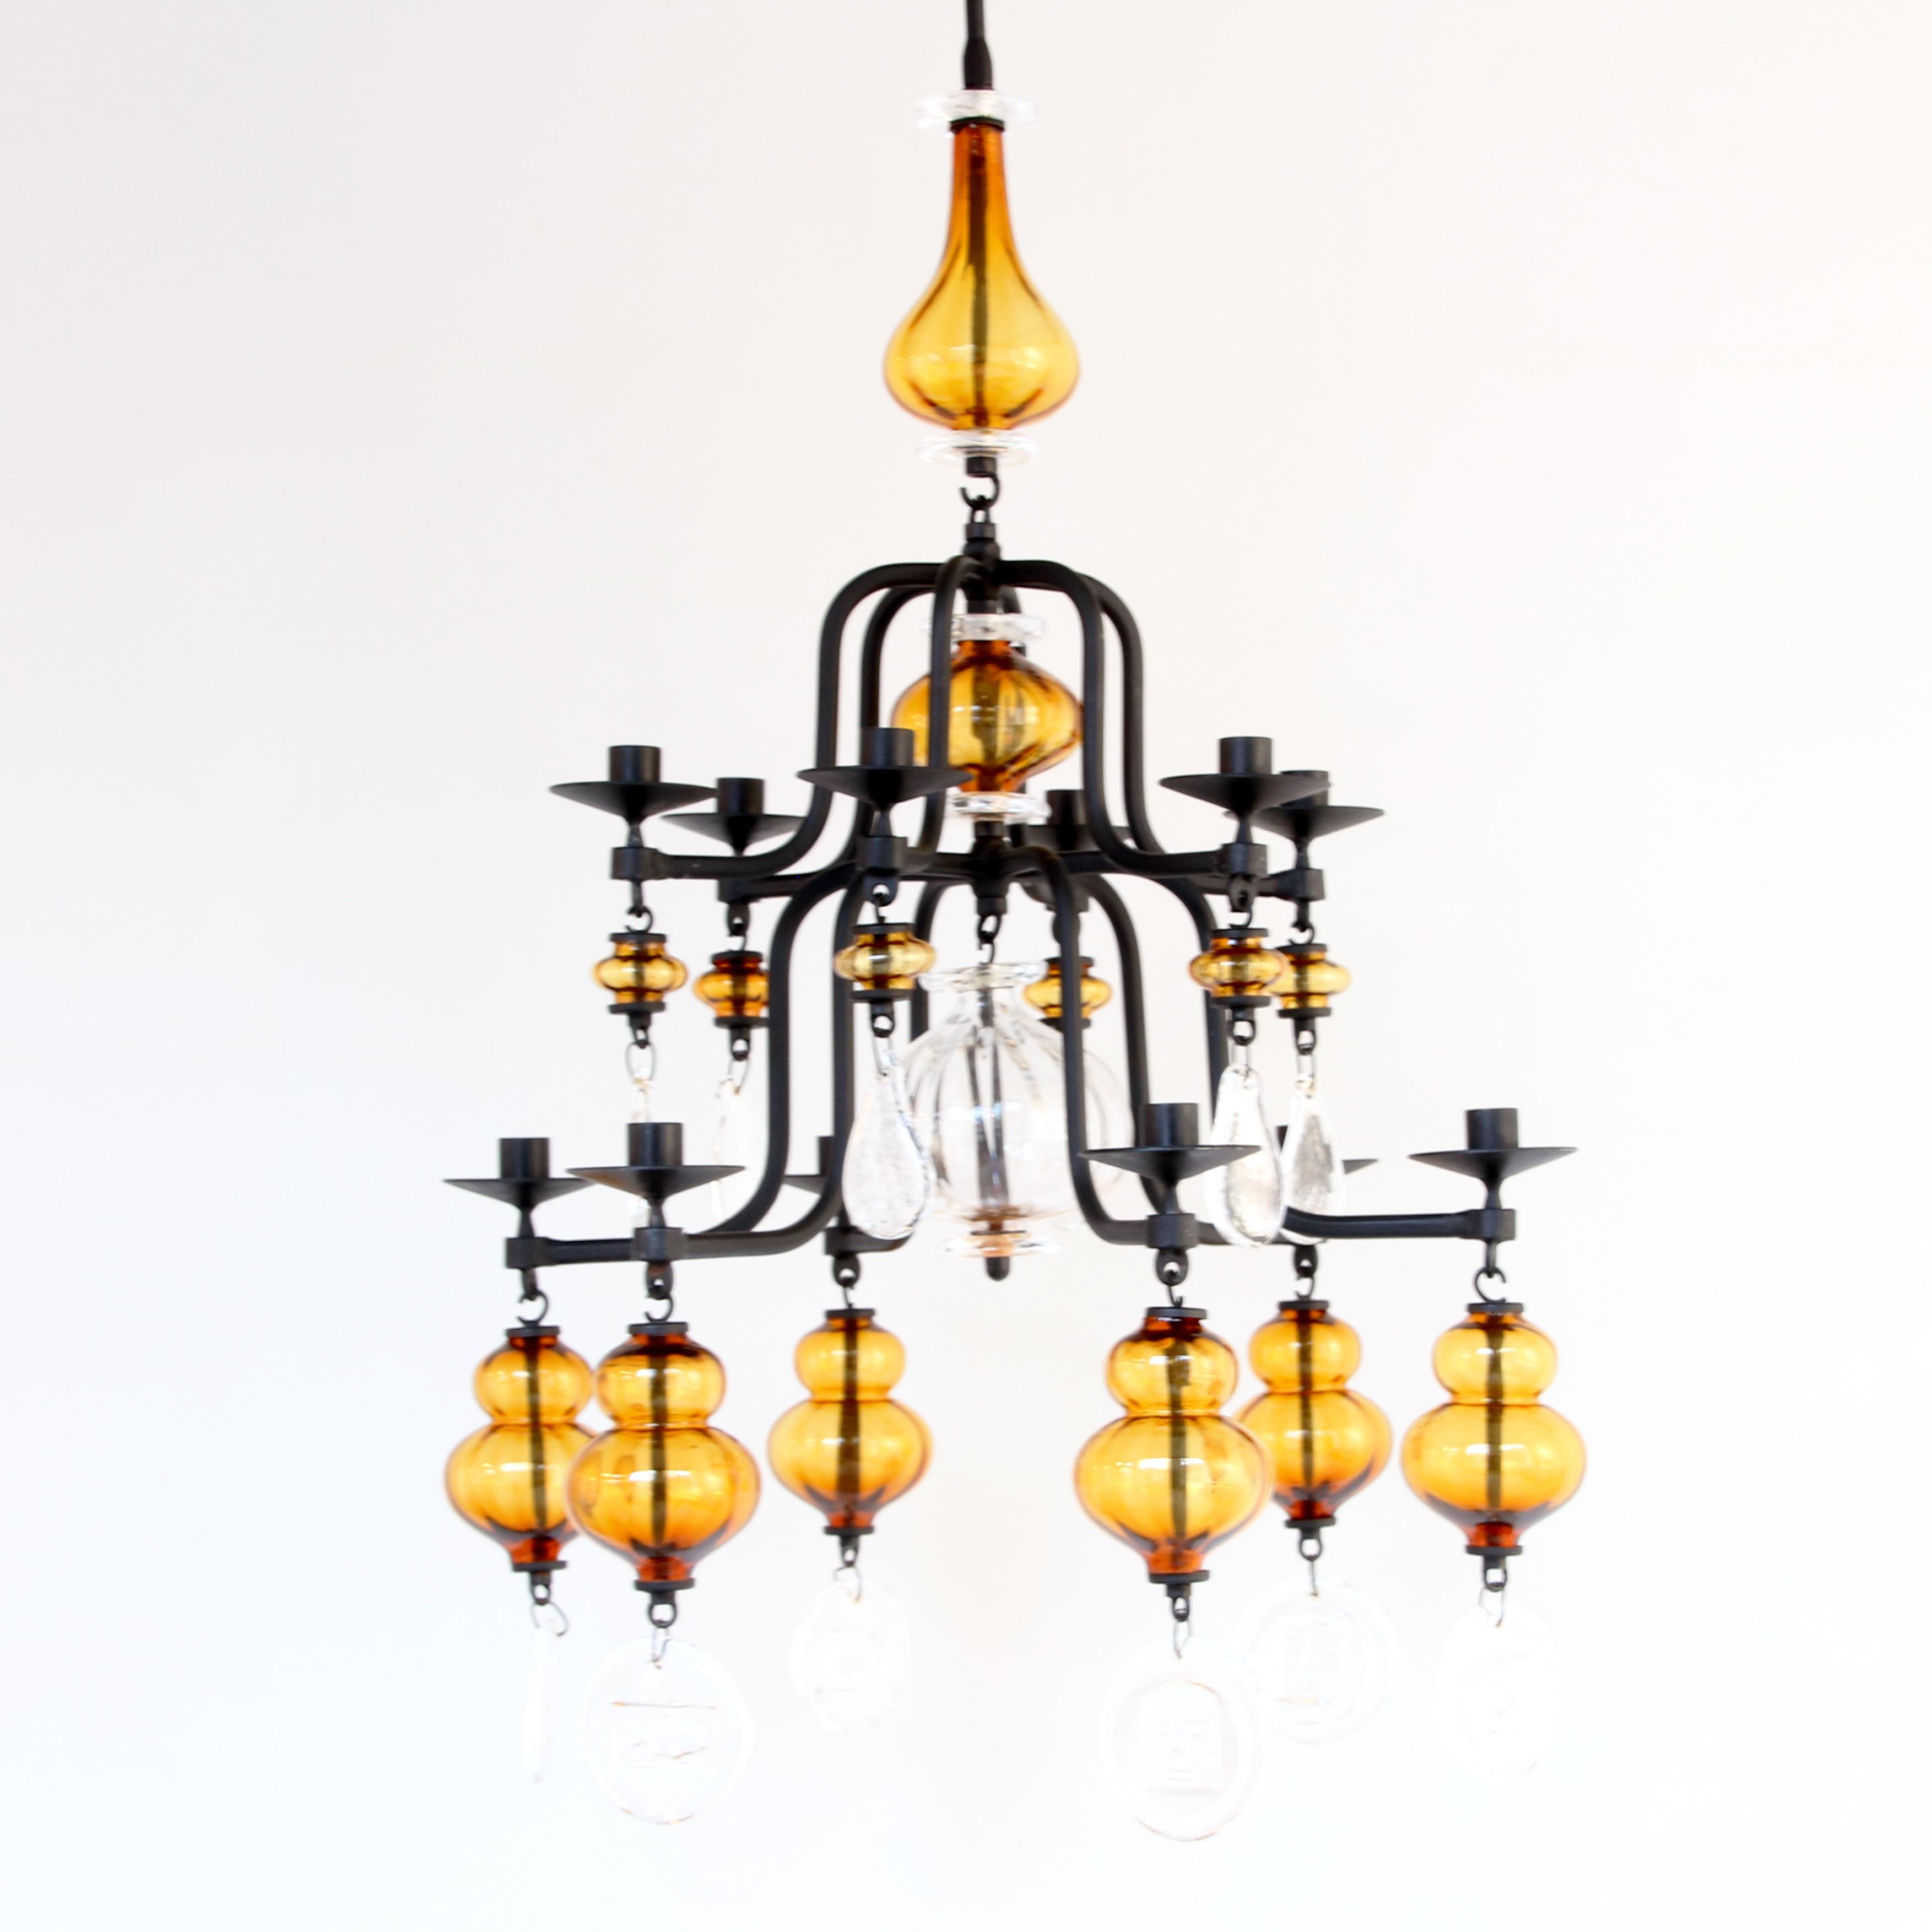 Scandinavian modern lamps & chandeliers Berg Gallery